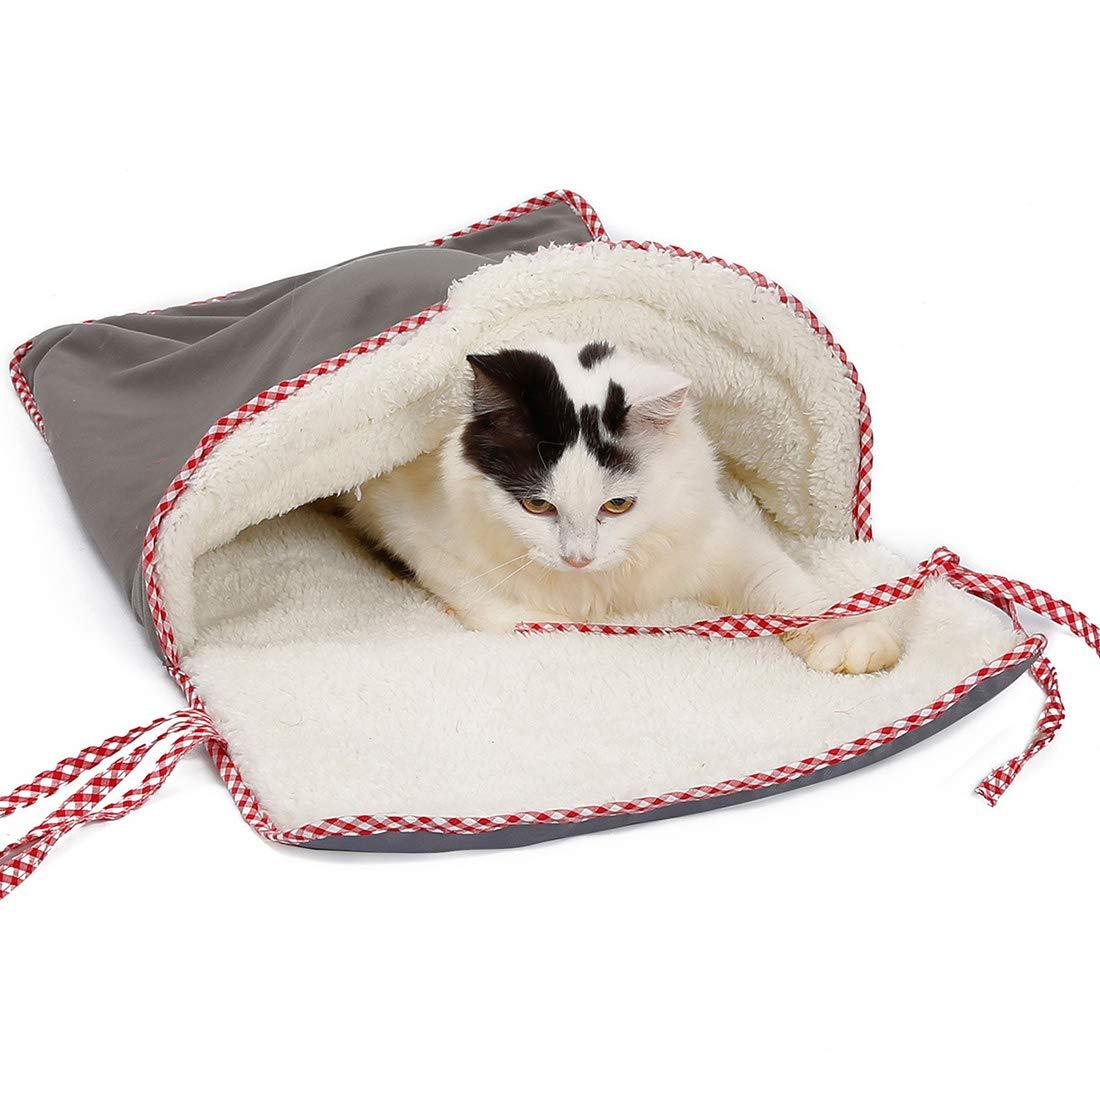 Pinji Suave Mascota Sofá Cojín Saco de Dormir para Gatos Calientes Papel de Sonar Gato Jugando Túnel Casa cálida Invierno Jaula de Hierro Saco de Gatos ...